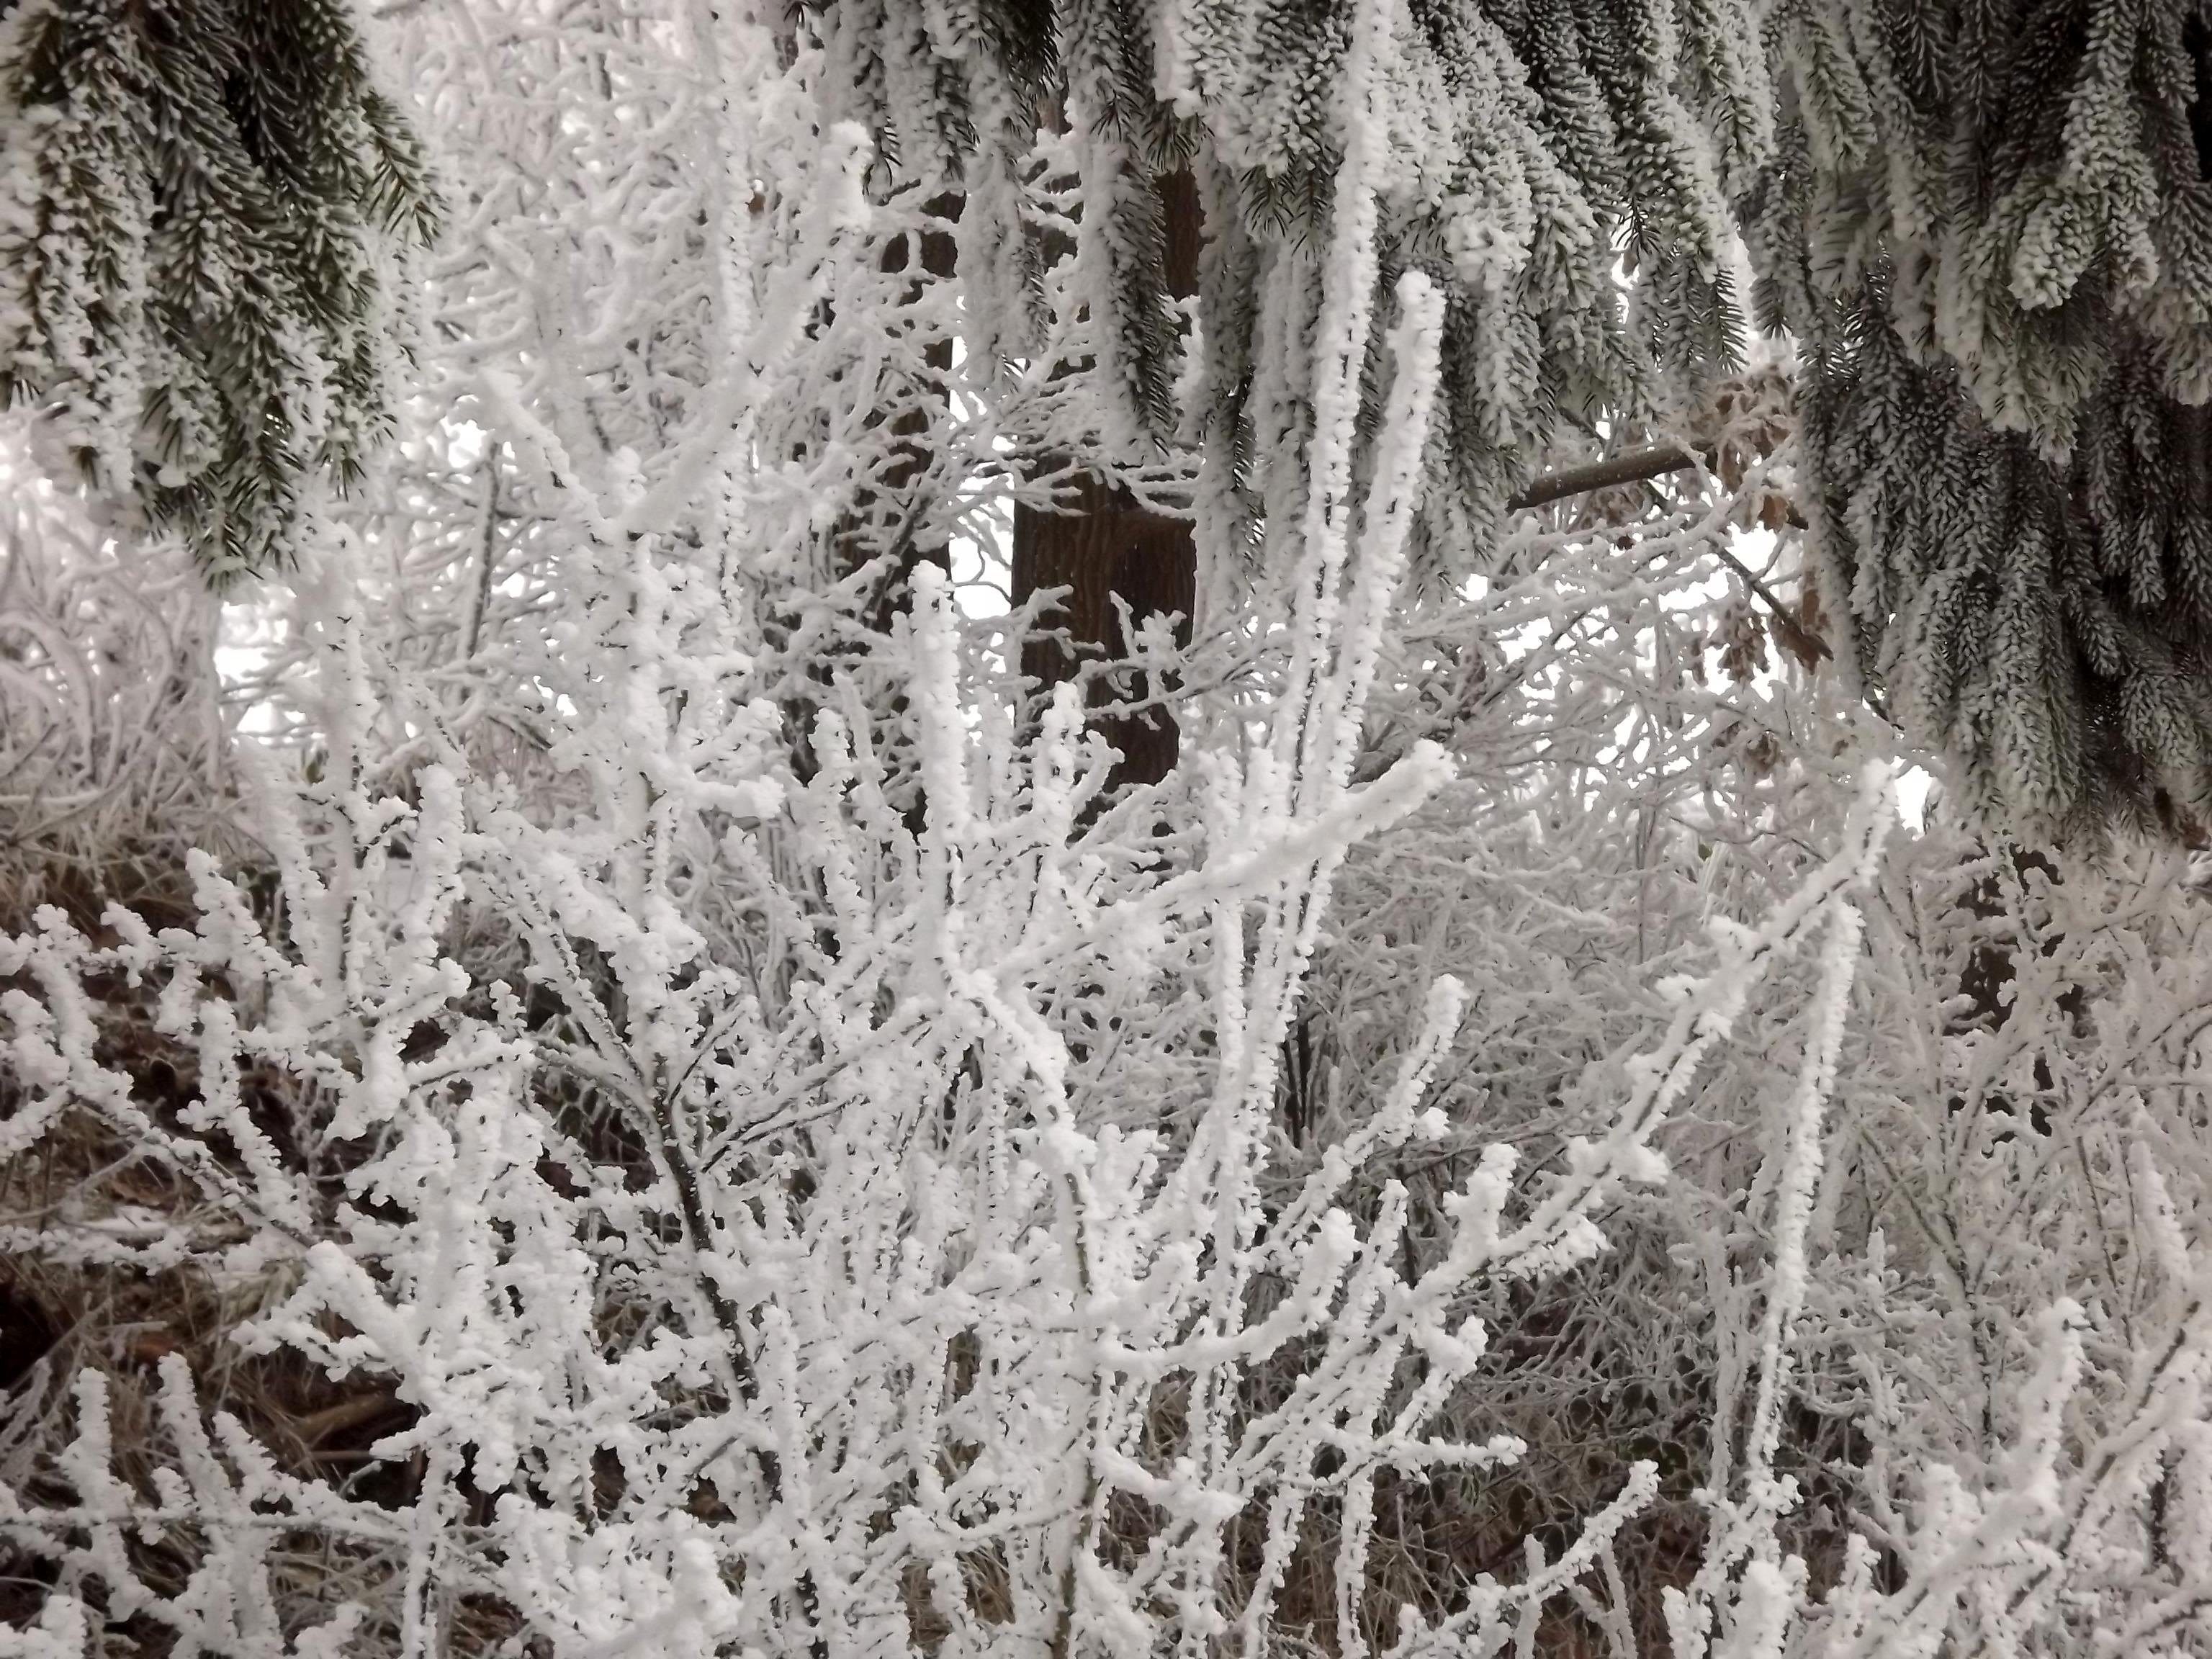 5814-strauch-winter-vereist